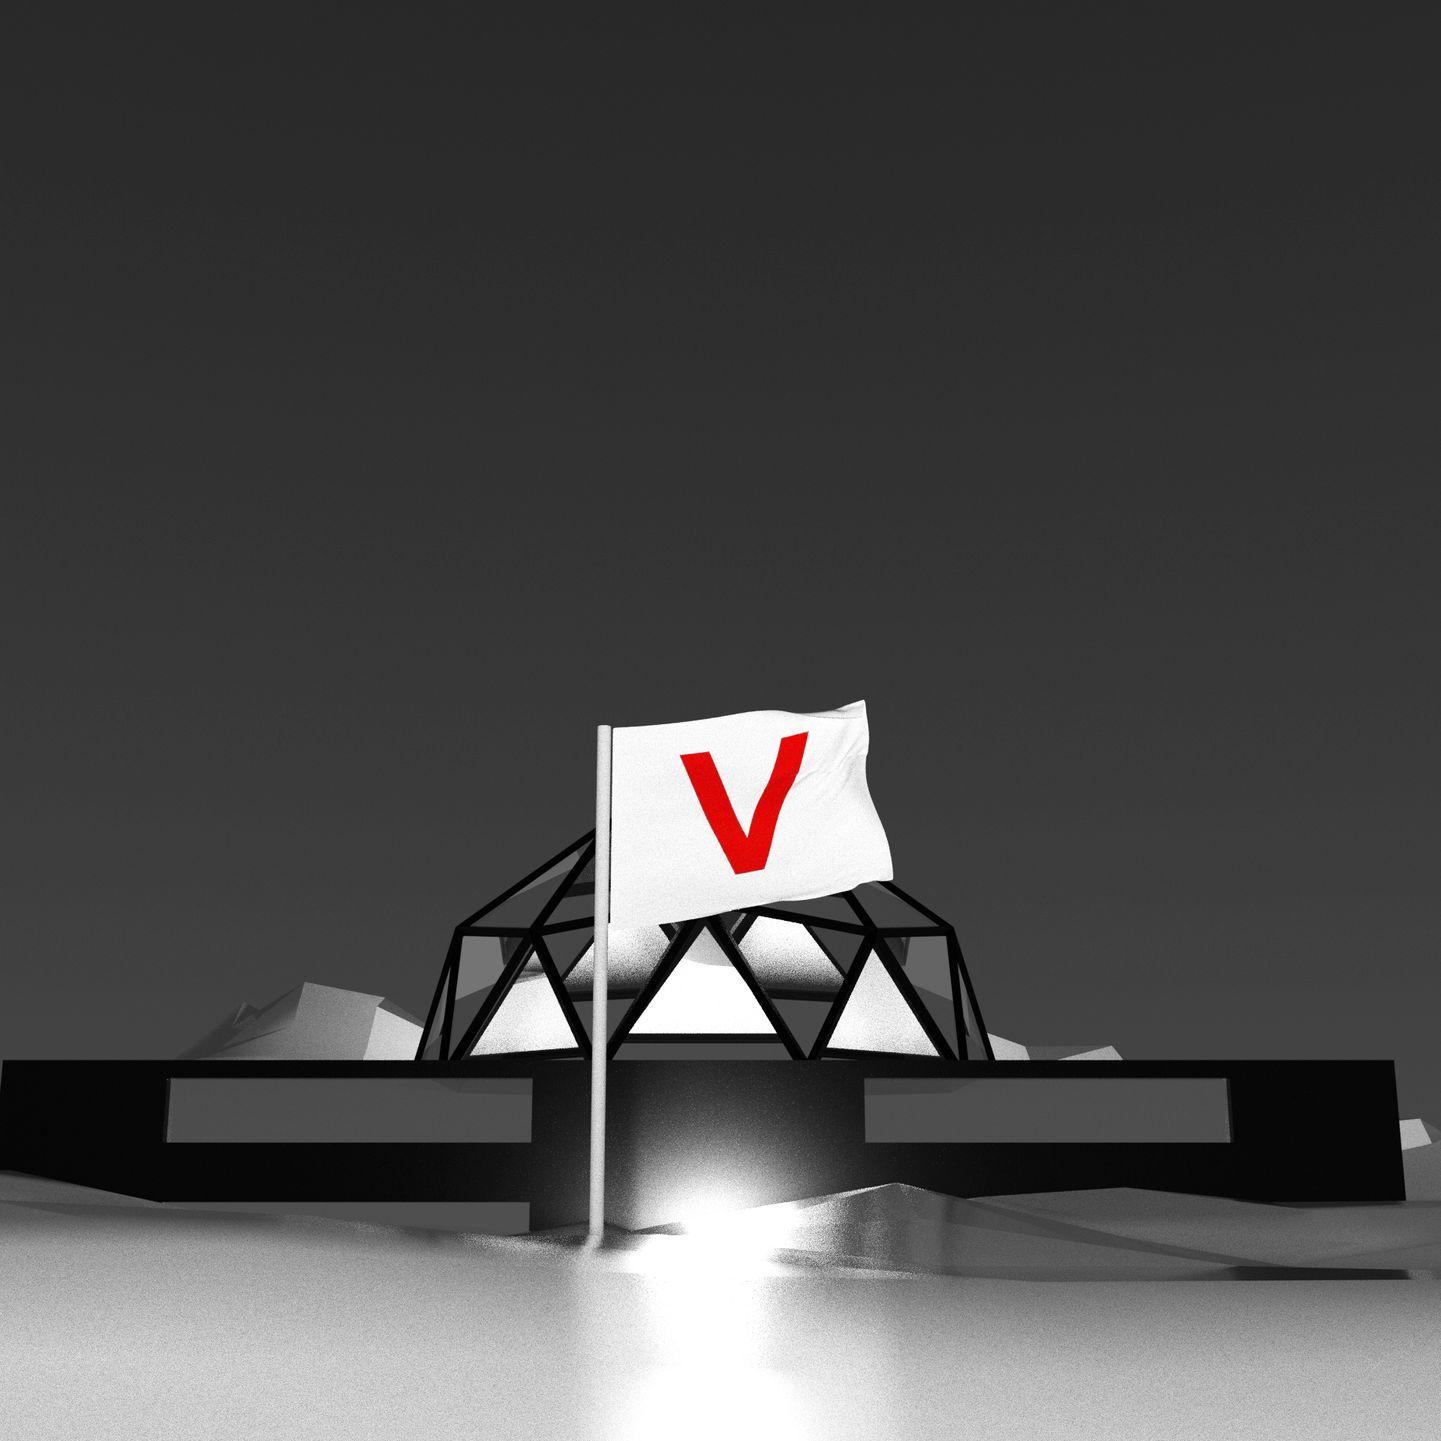 V - vision